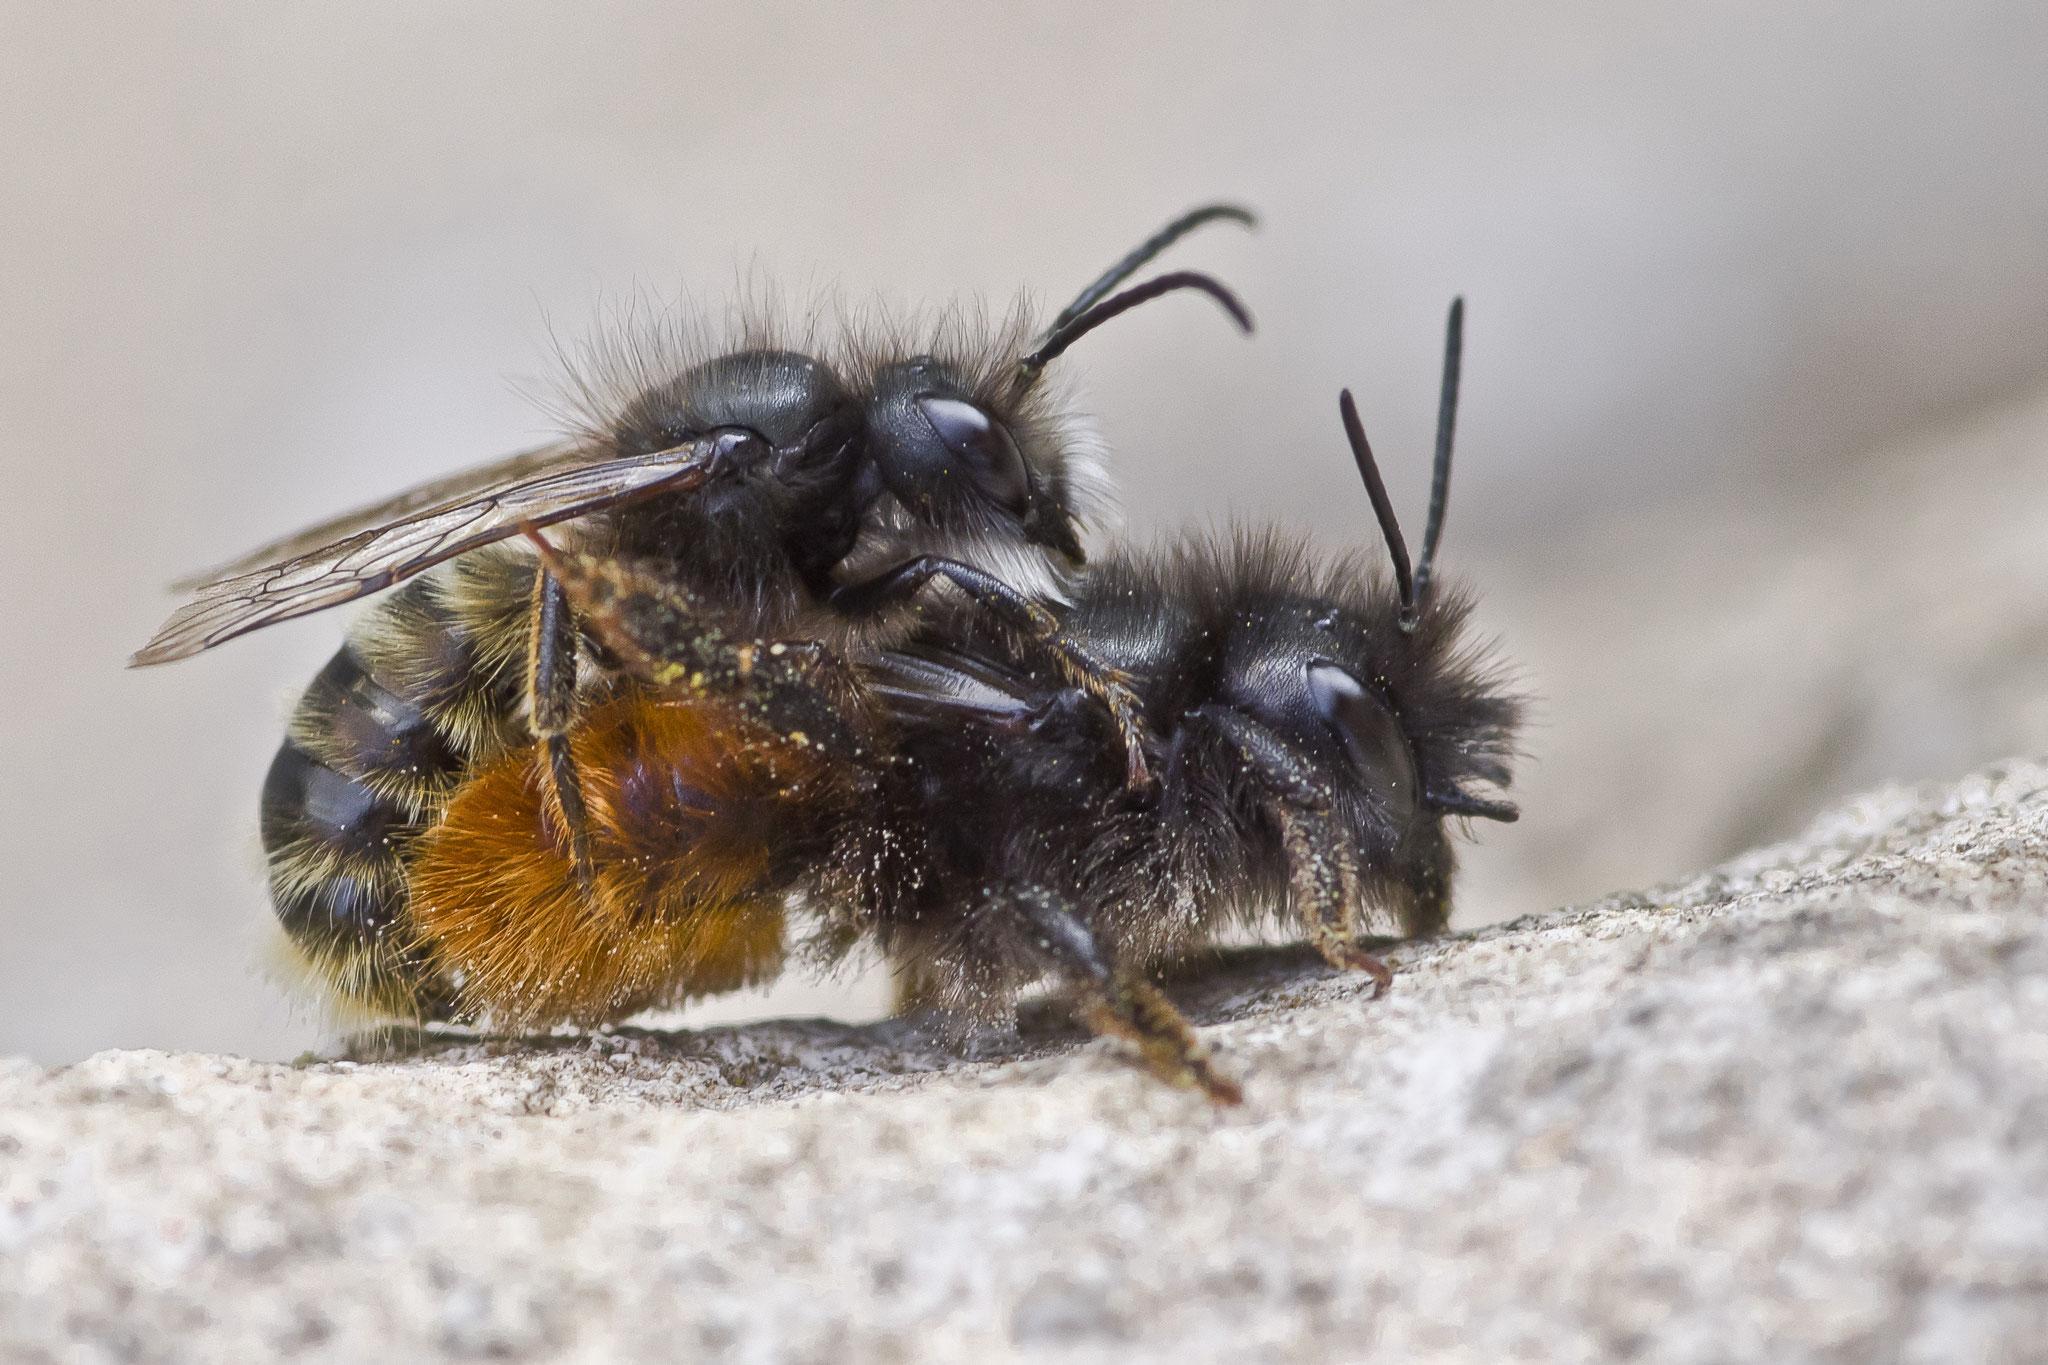 Platz 3: Dieter Roth aus Nieder-Olm hat ein Pärchen der Gehörnten Mauerbiene in einem intimen Moment erwischt.